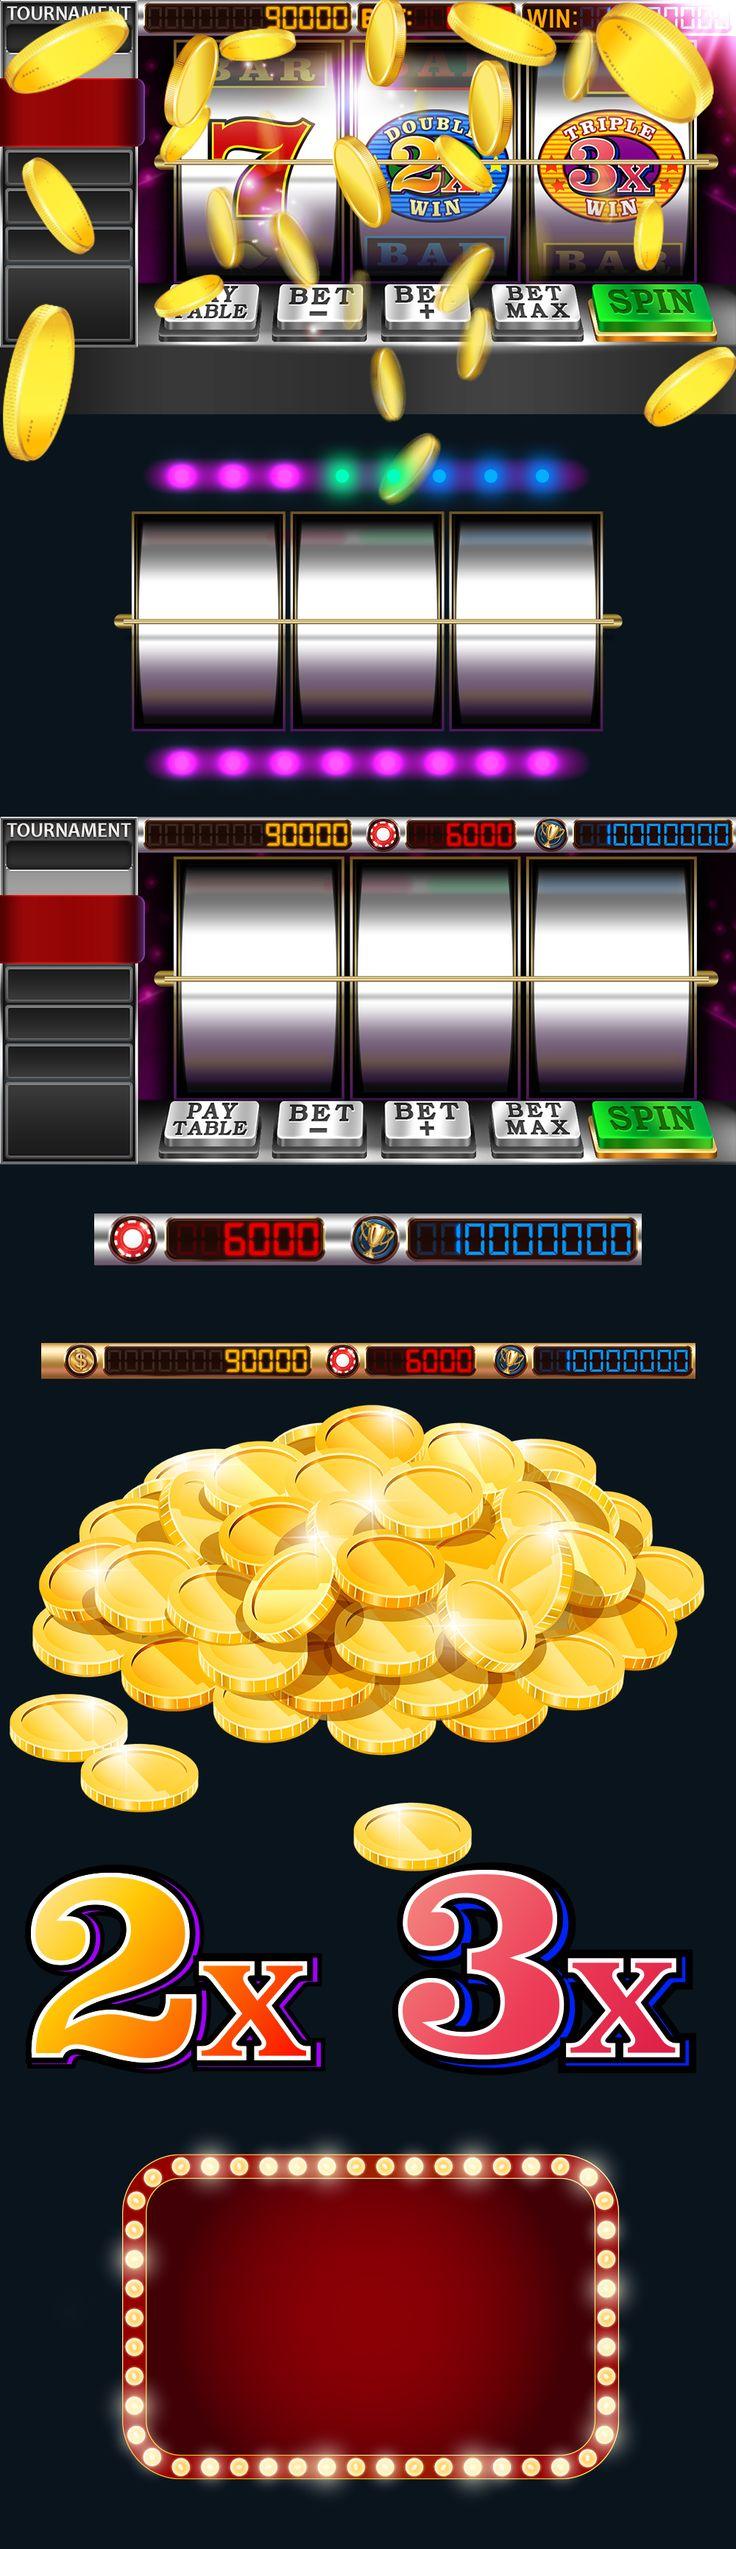 Slot game design on Behance